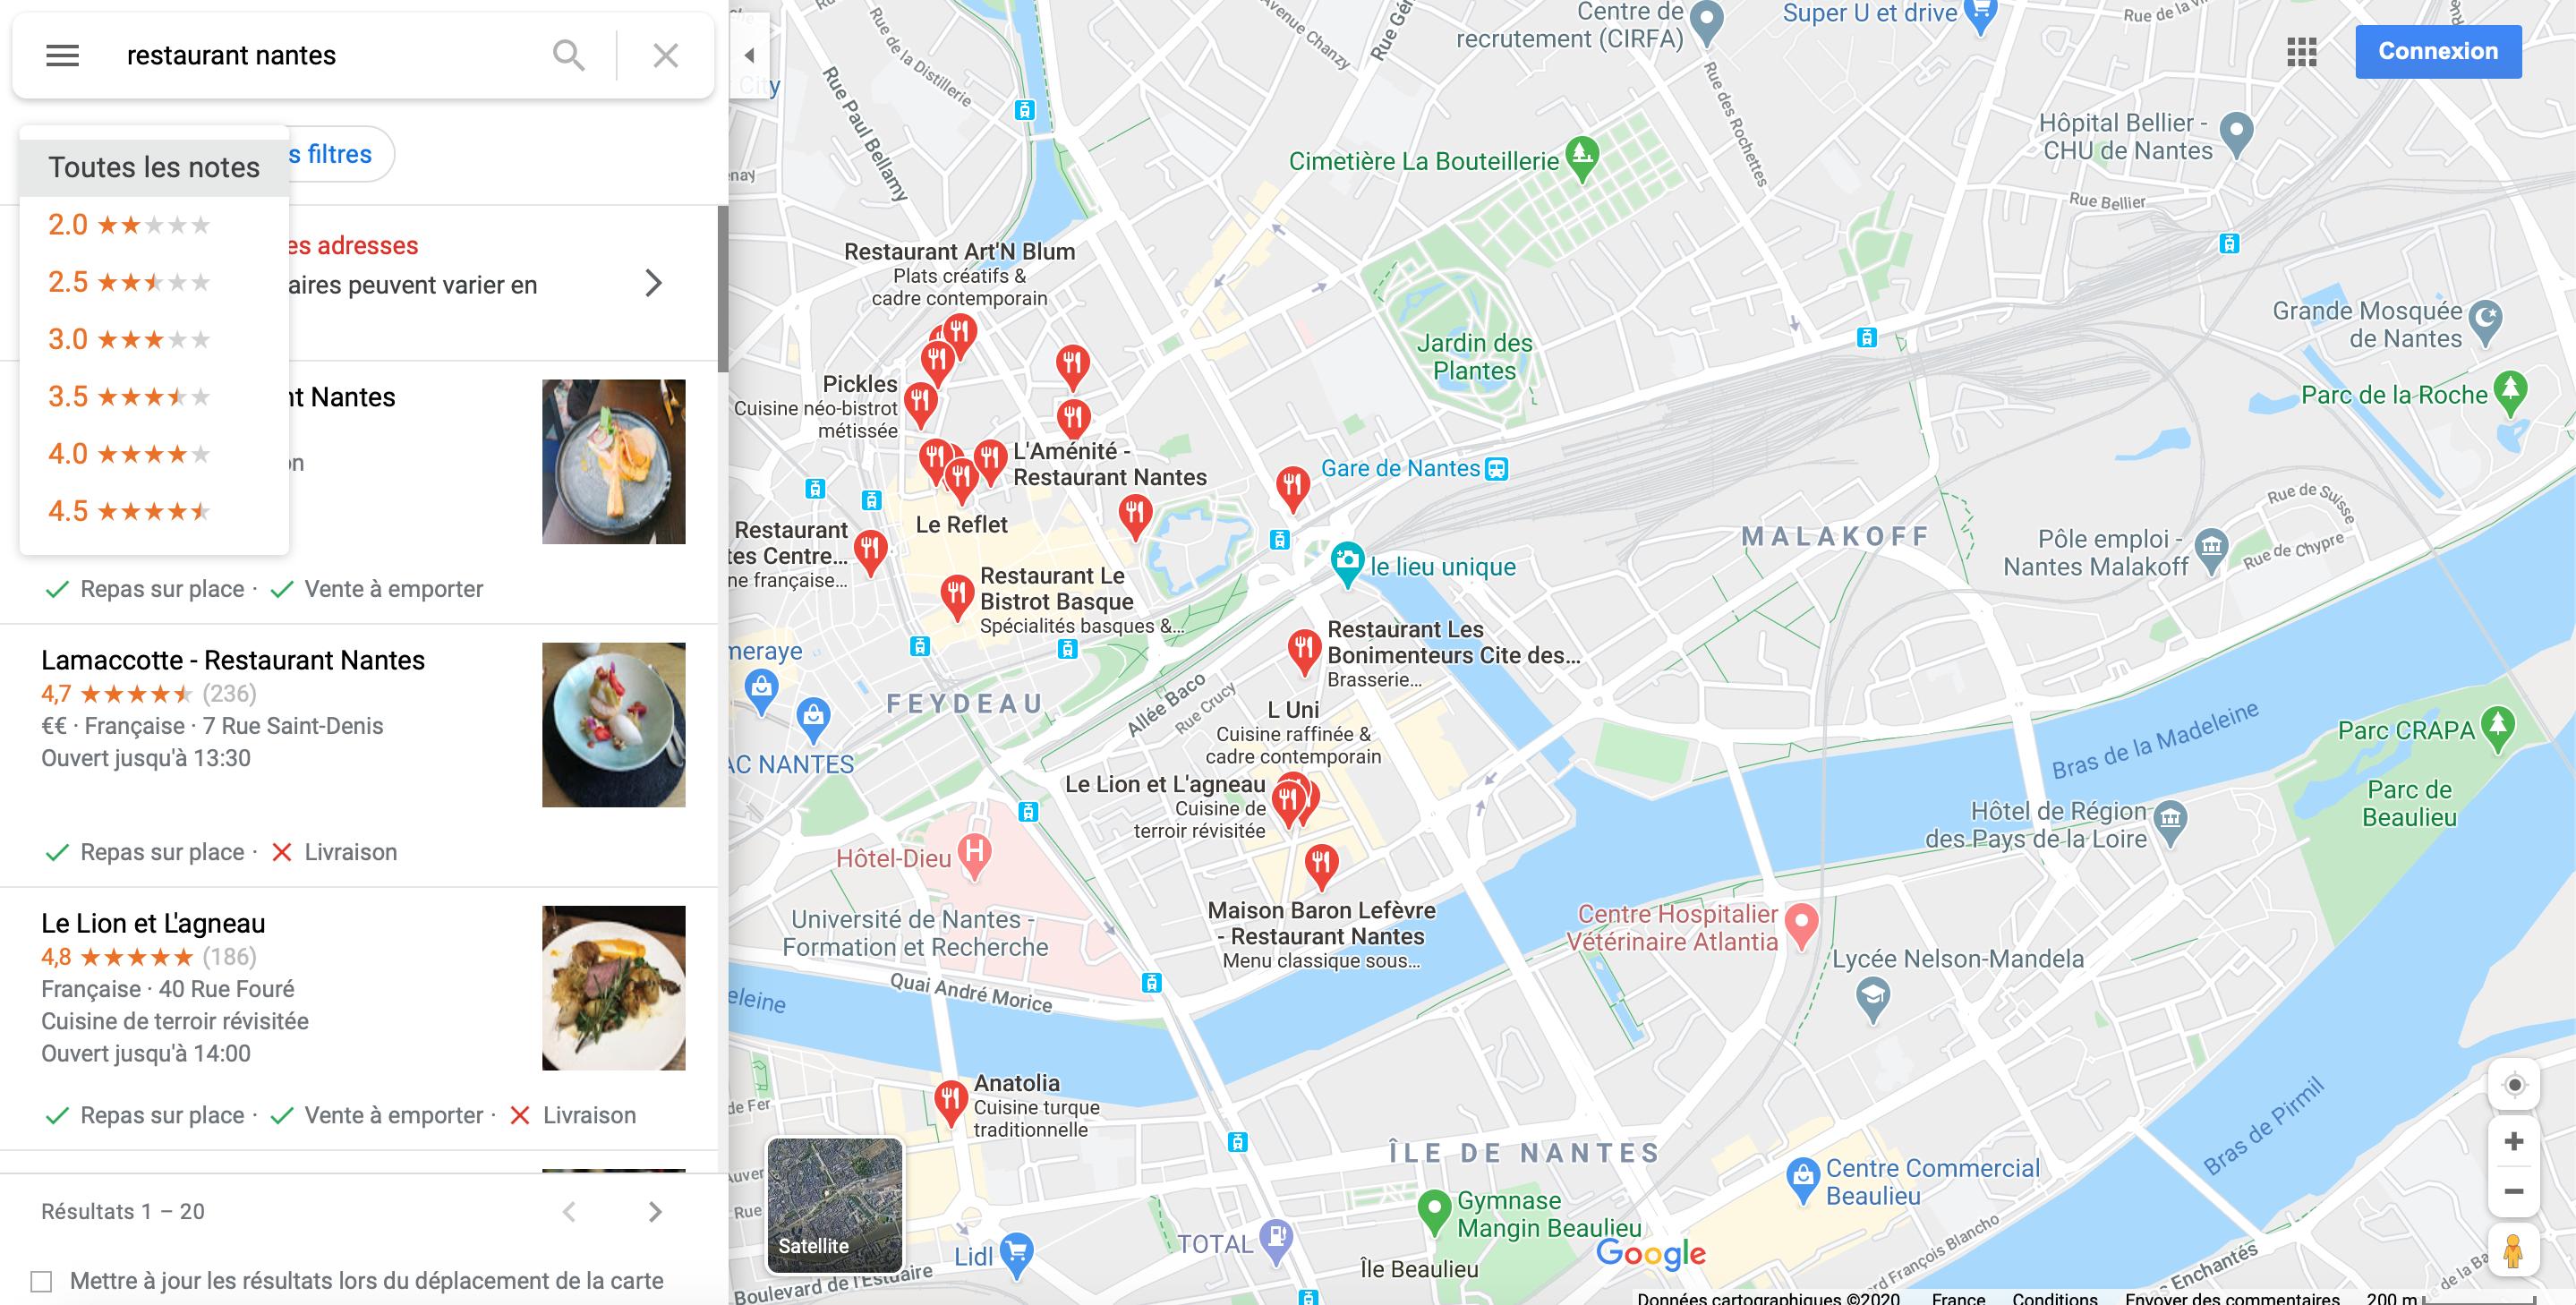 Liste Restaurants à Nantes sur Google Maps